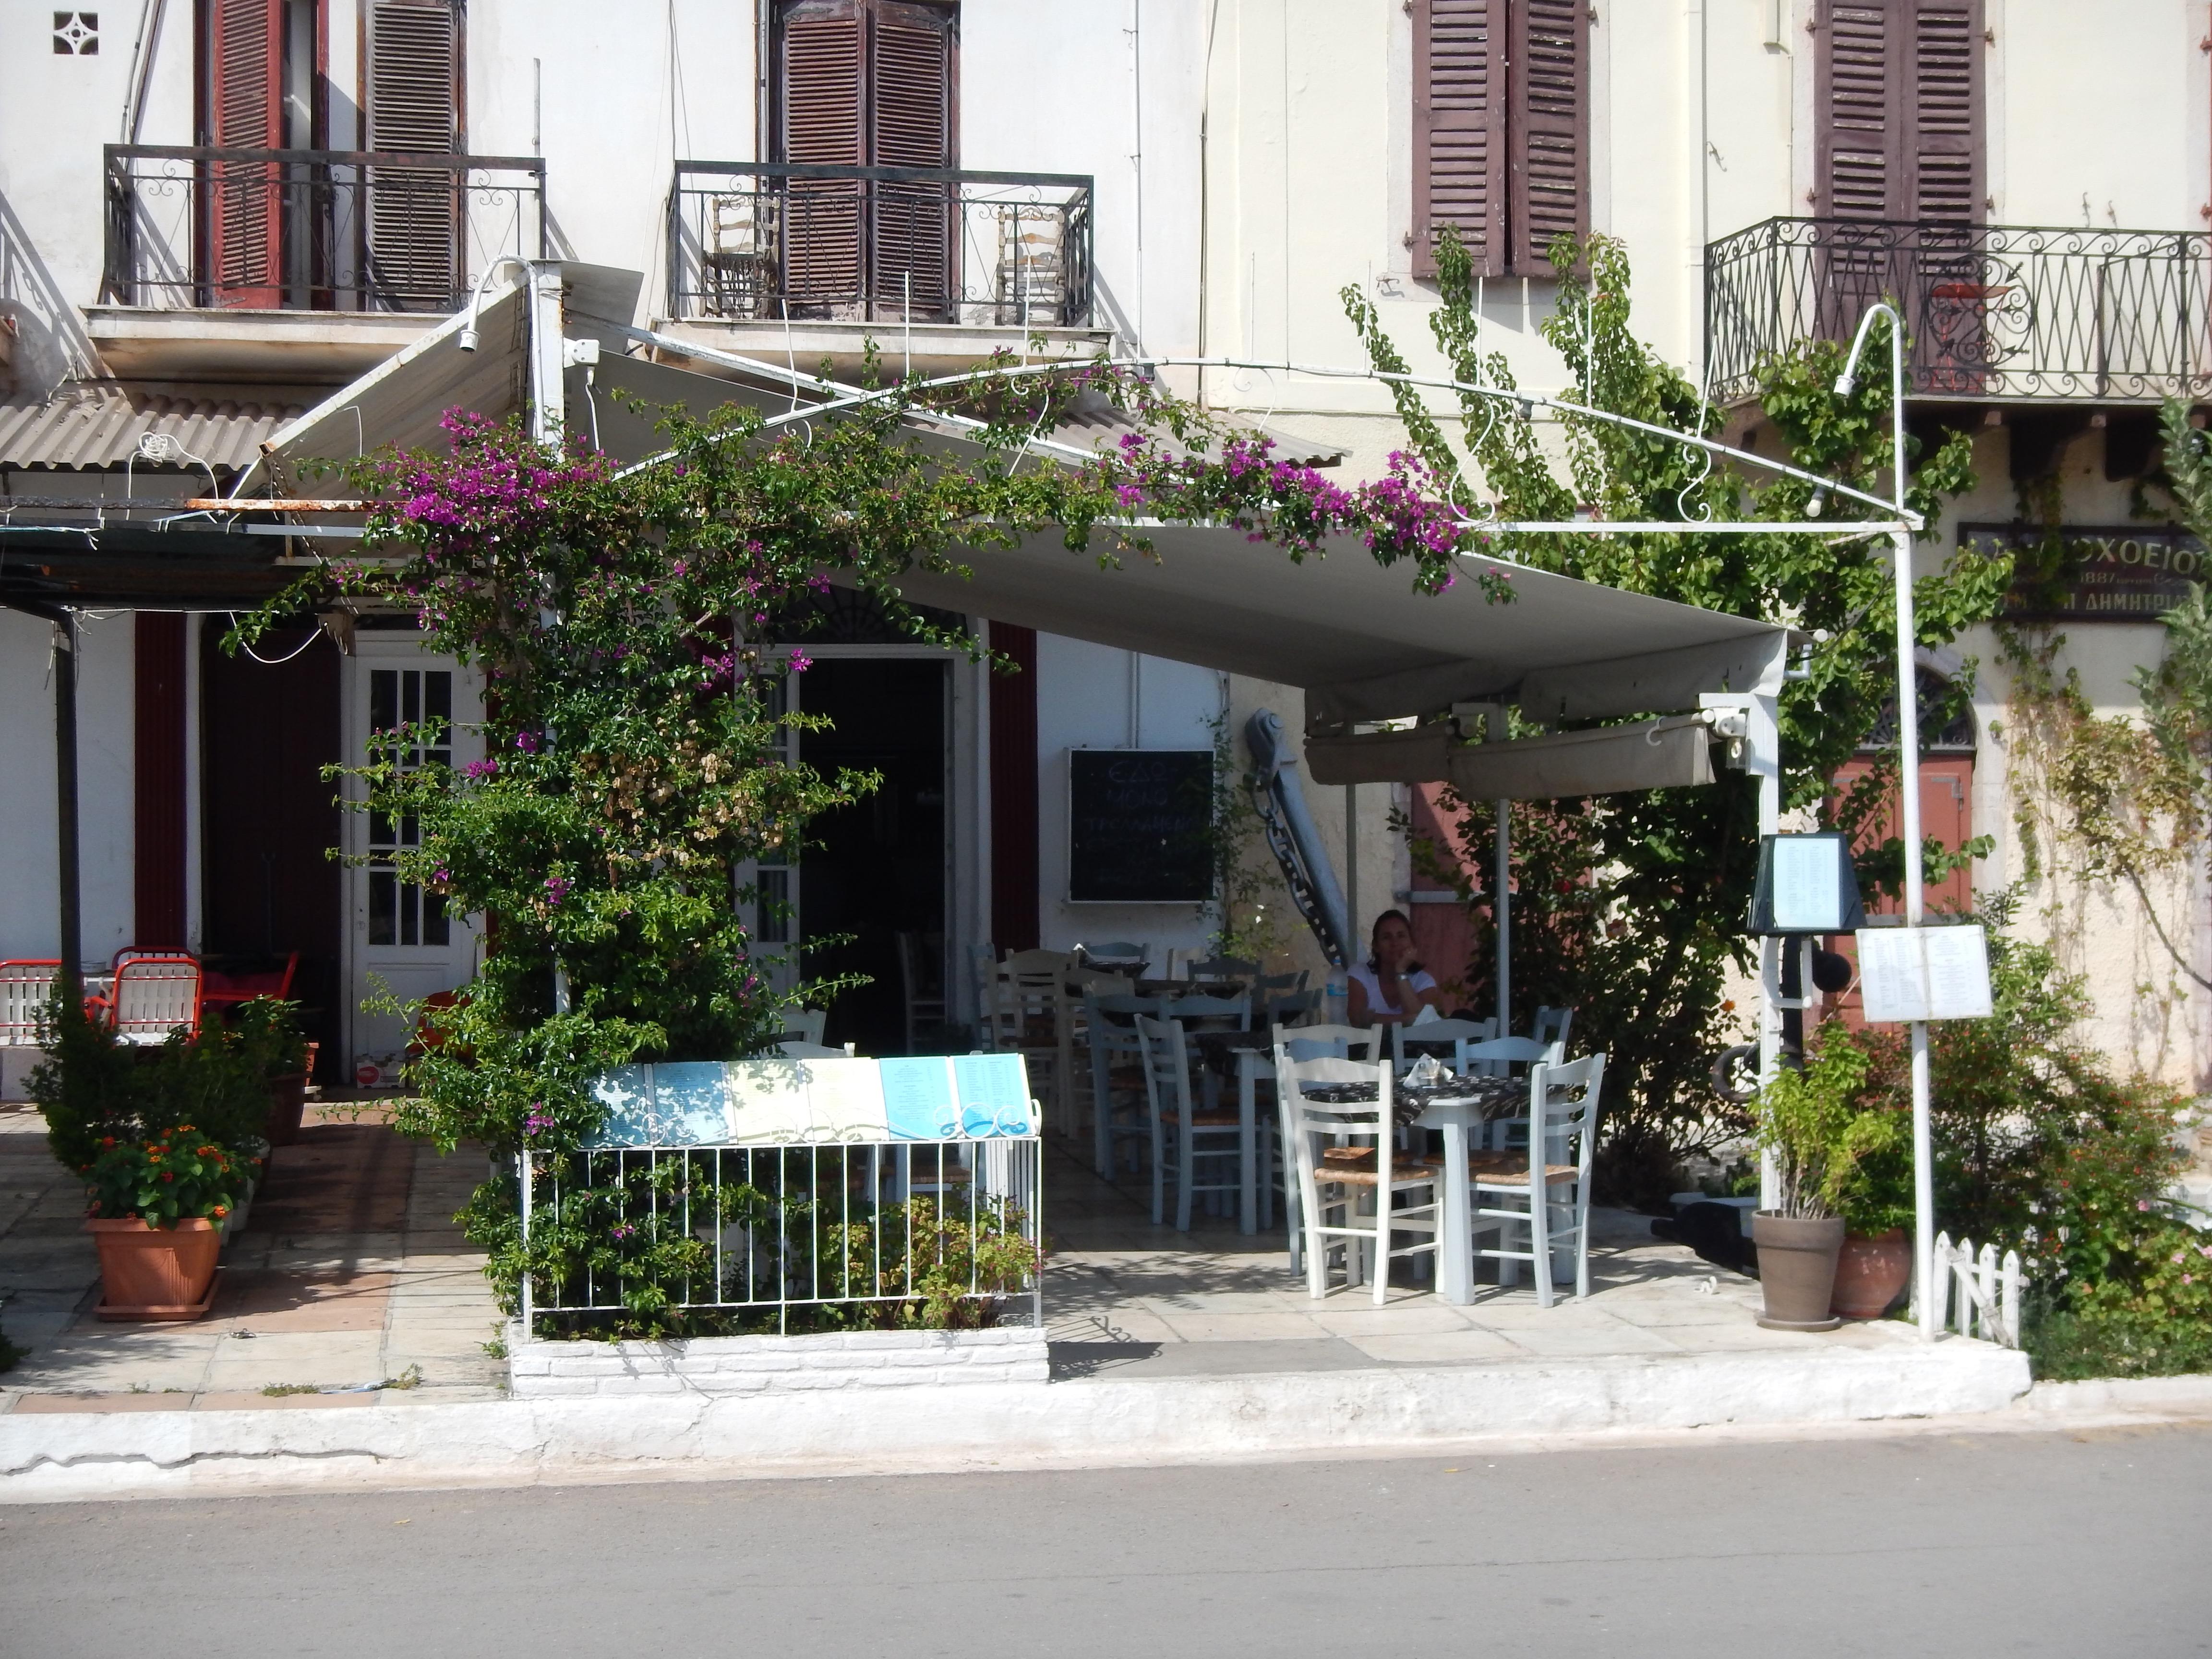 Grèce - Destination Météores par trail rando 161003093636477068